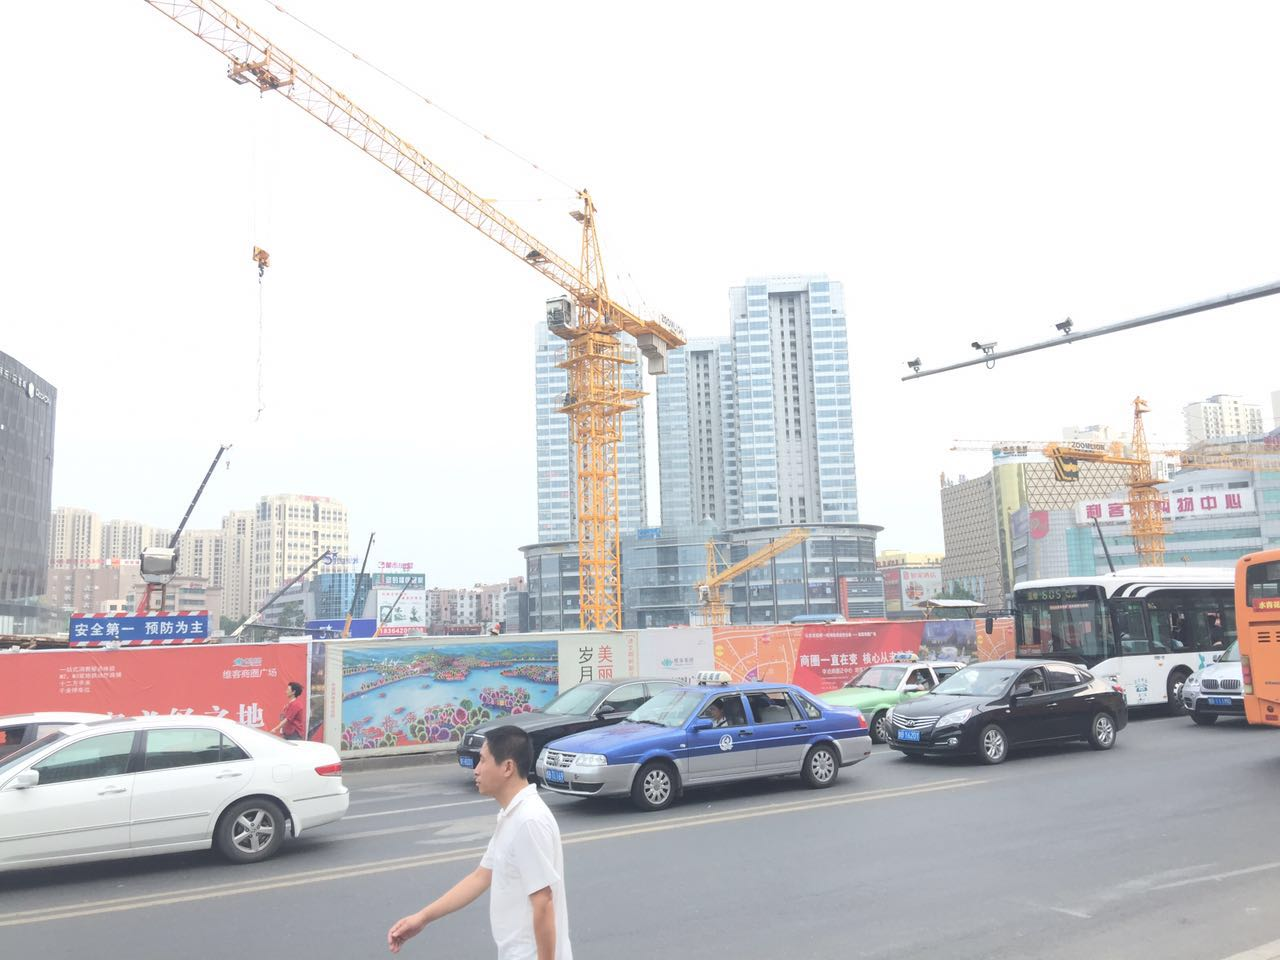 联商巡店:探店青岛和谐广场 纵观李沧商圈